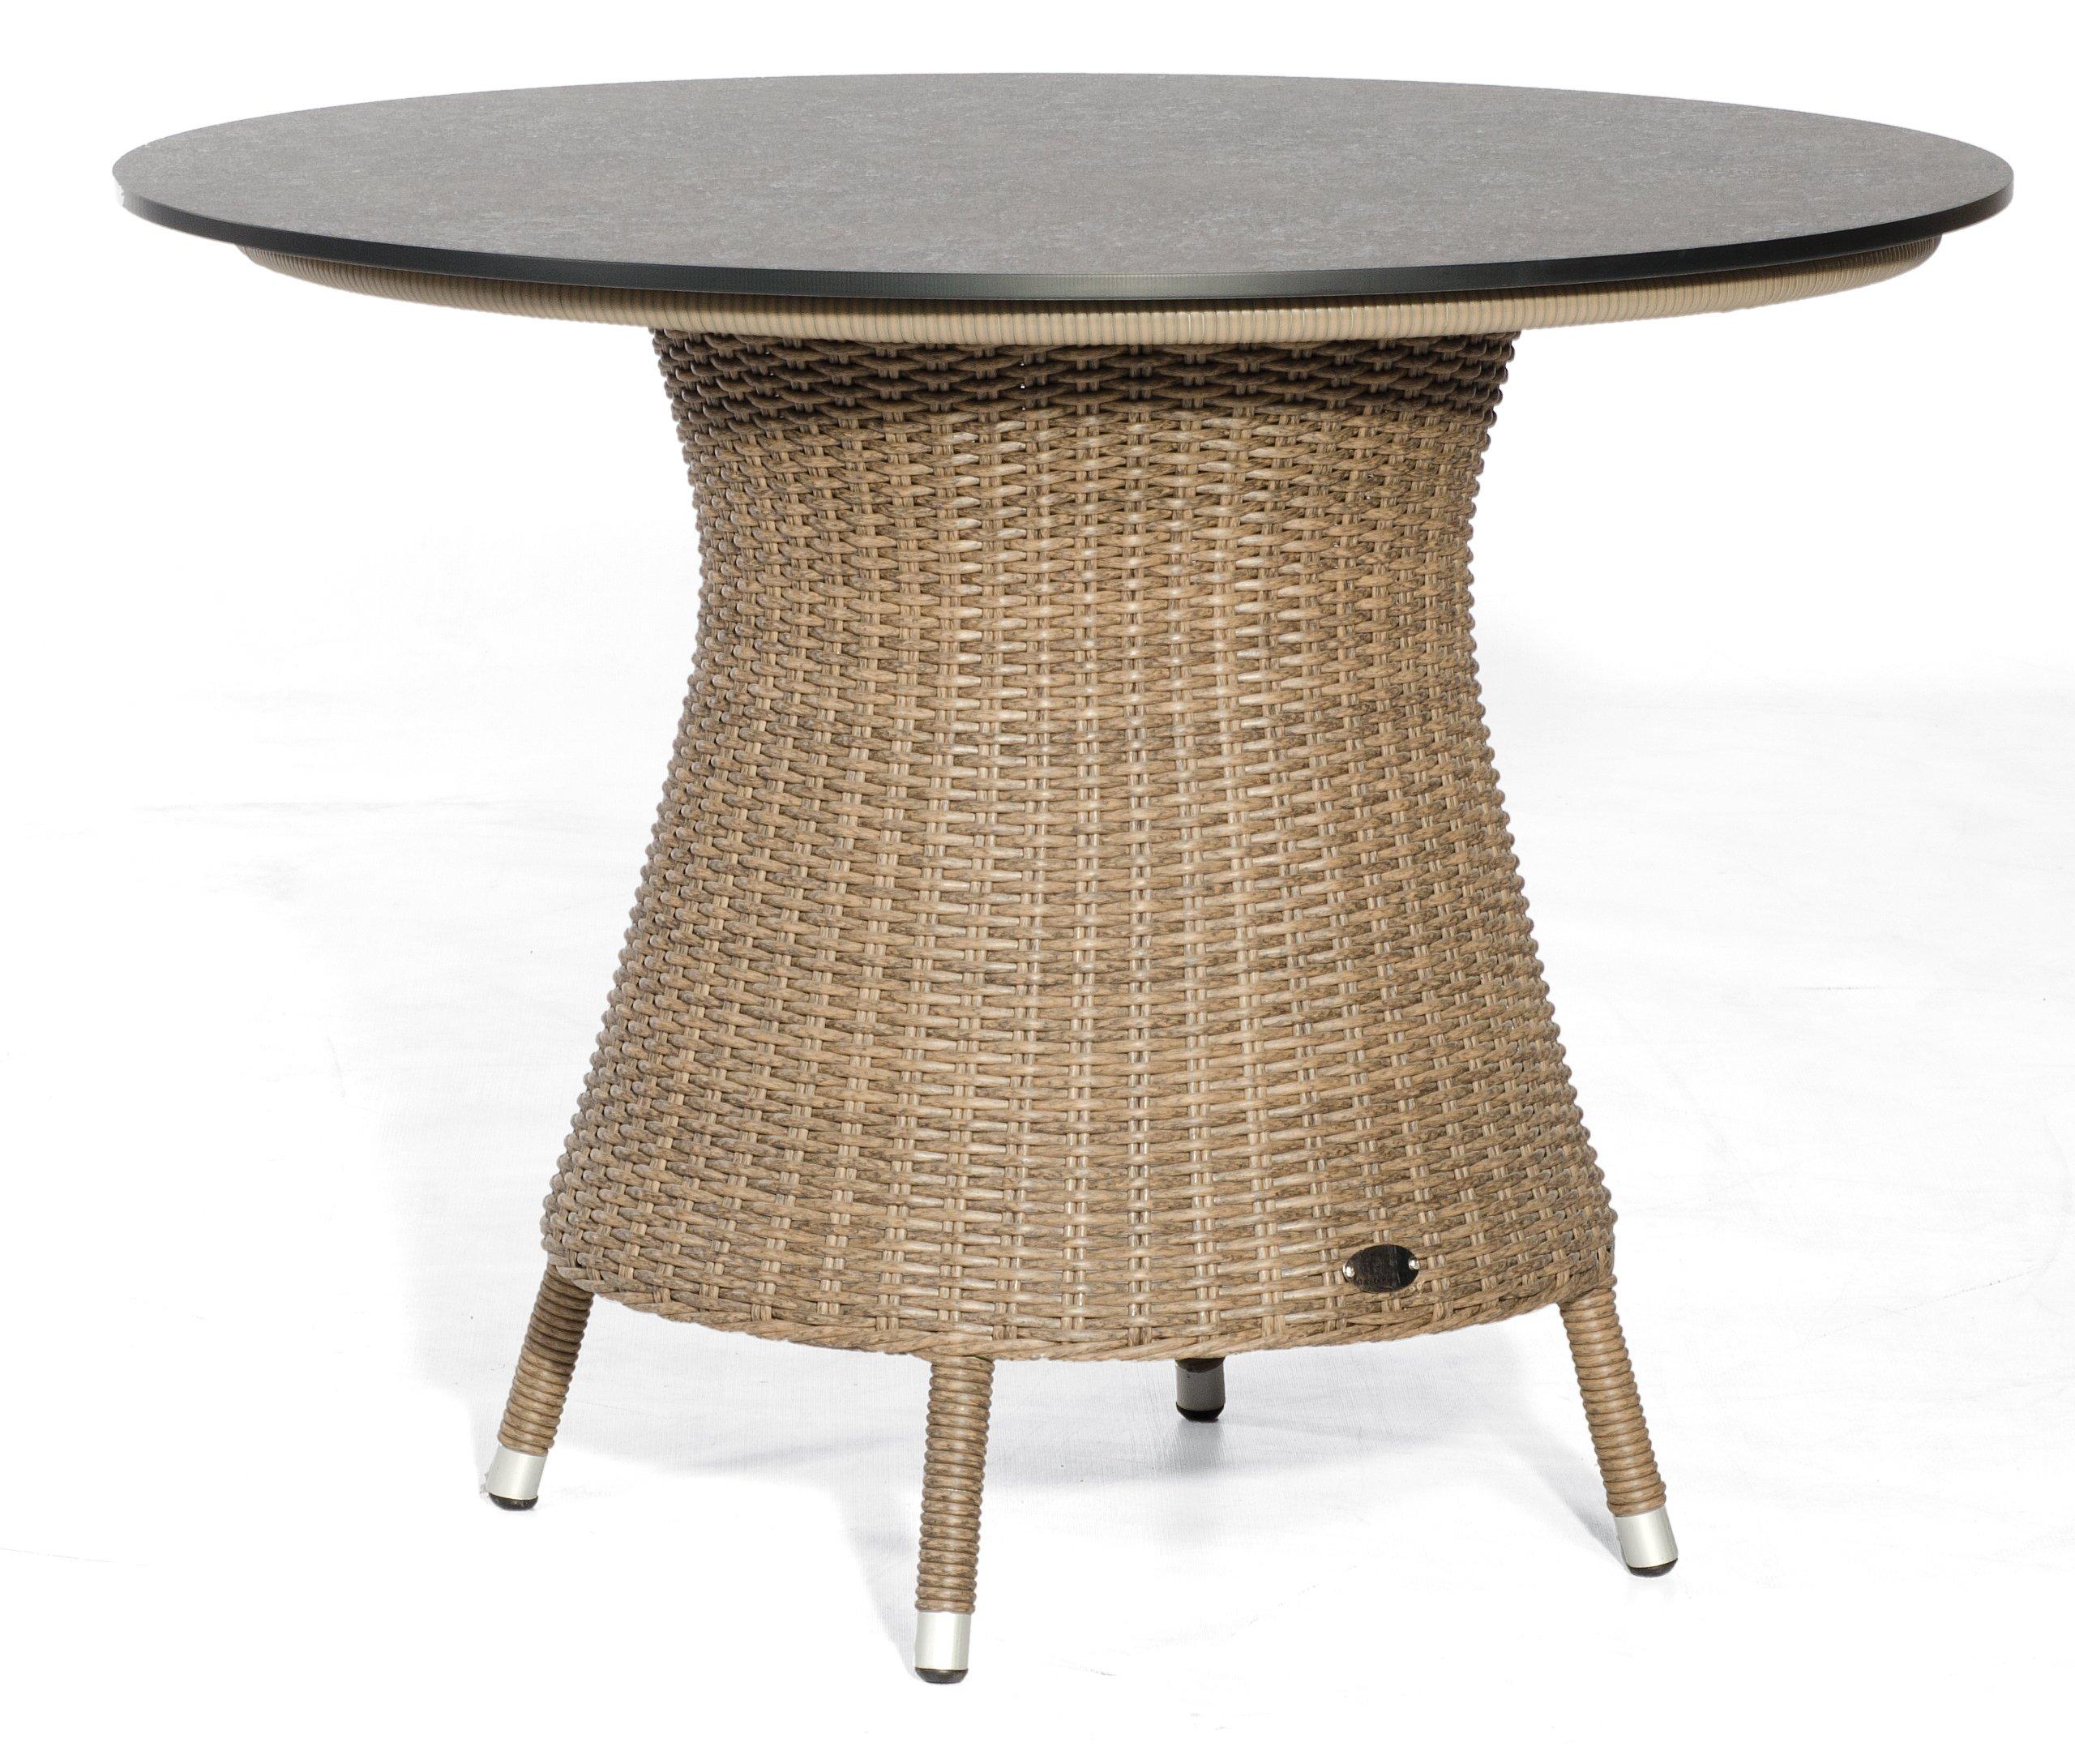 Hochwertiger Geflecht Gartentisch Runde Robuste Tischplatte